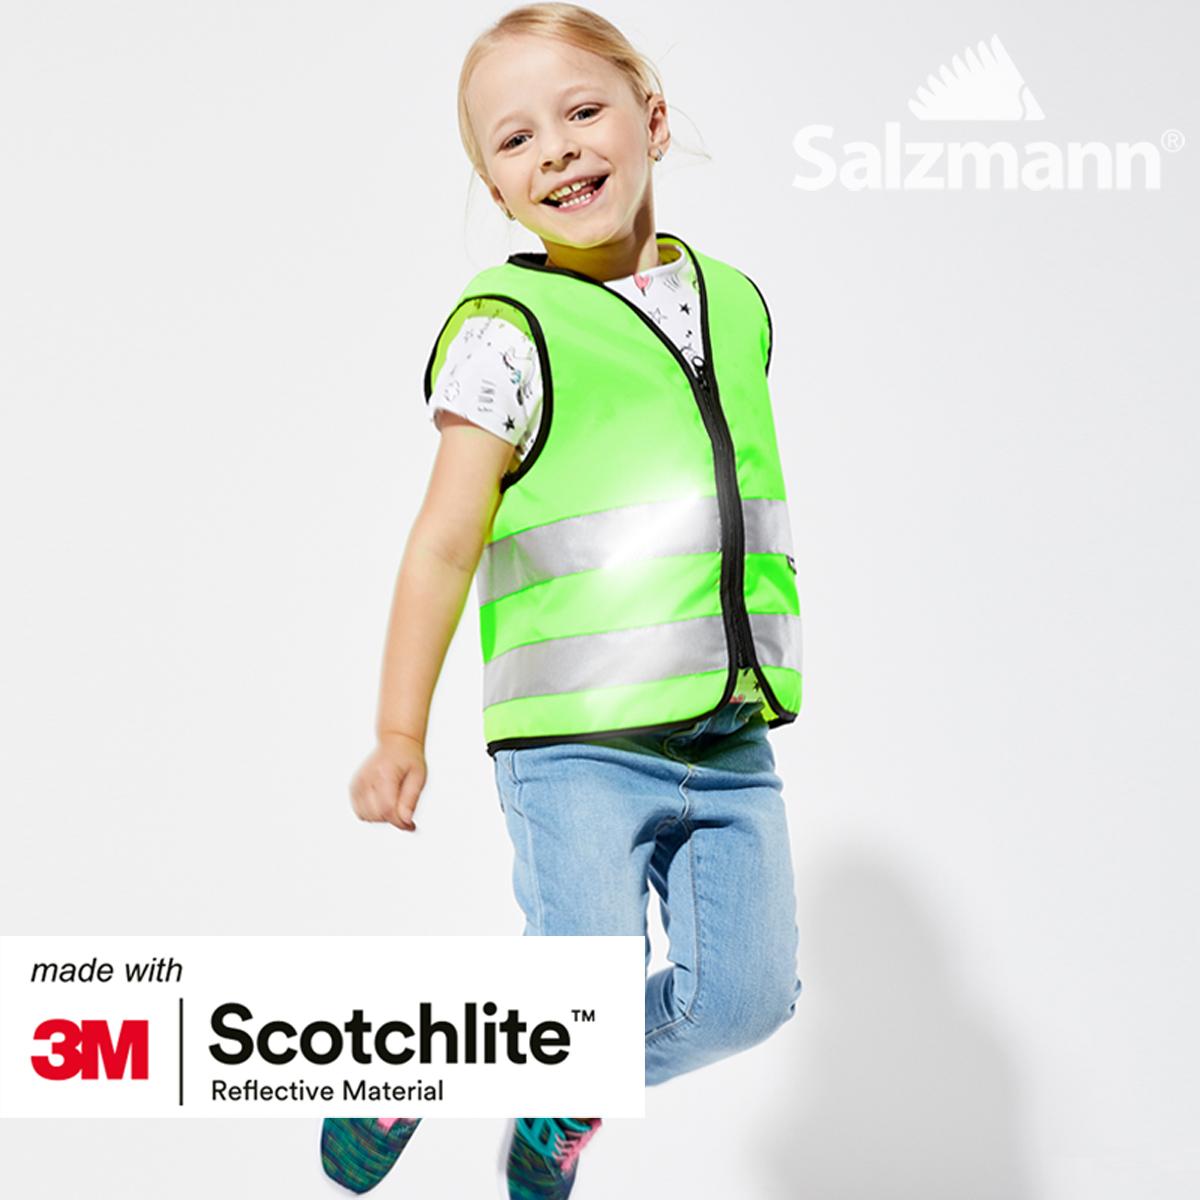 kid's high visibility reflective safety vest 3m scotchlite